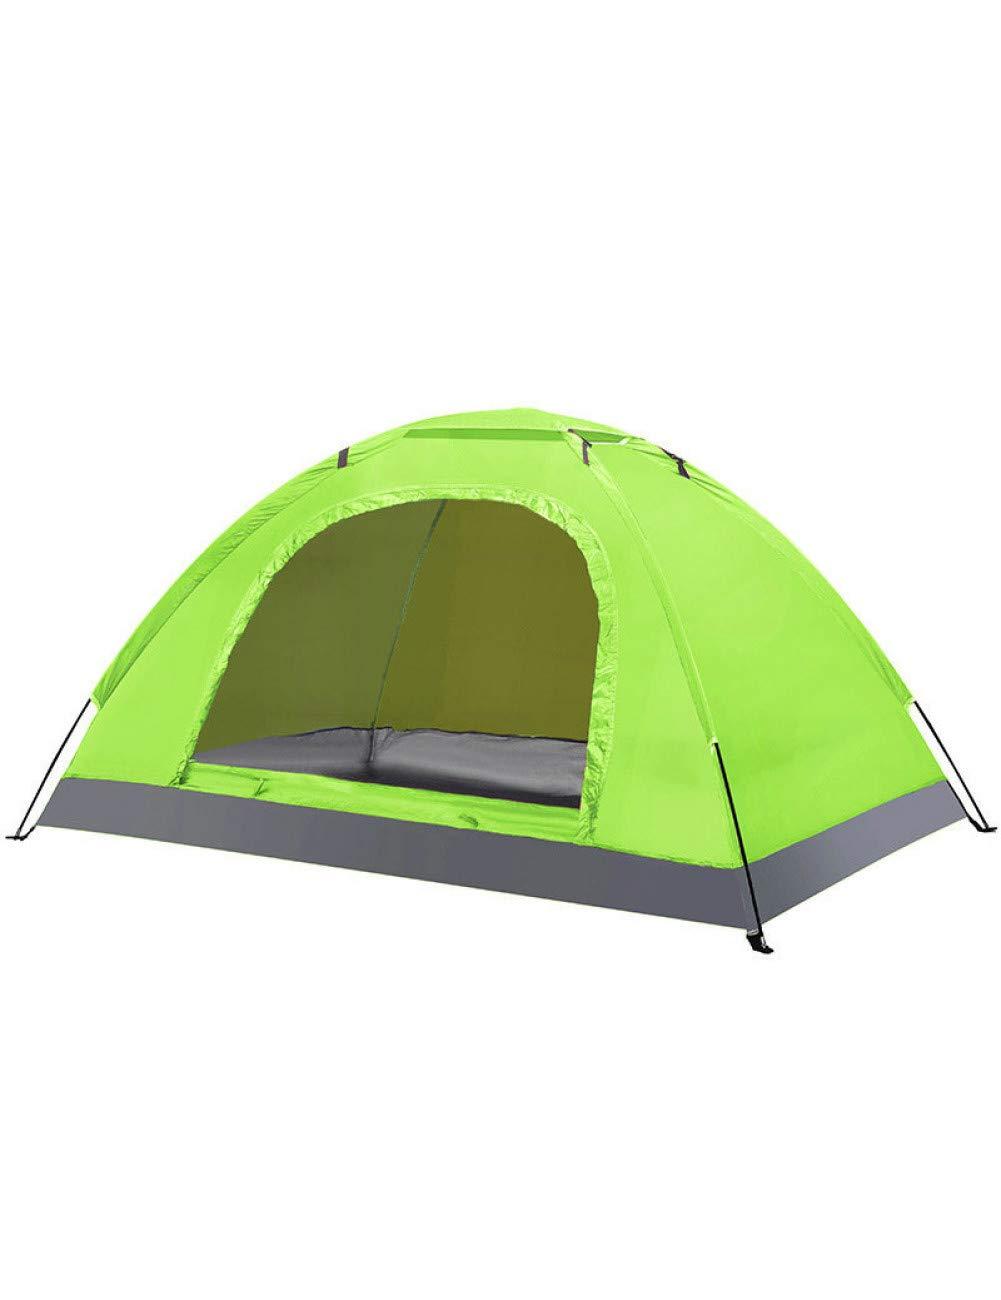 MDZH Carpa Tienda De Campaña Turística Ultraligera Tienda De Protección A Prueba De Viento A Prueba De Viento UV para 2-3 Personas Familia Camping Camping Pesca Fiesta En La Playa